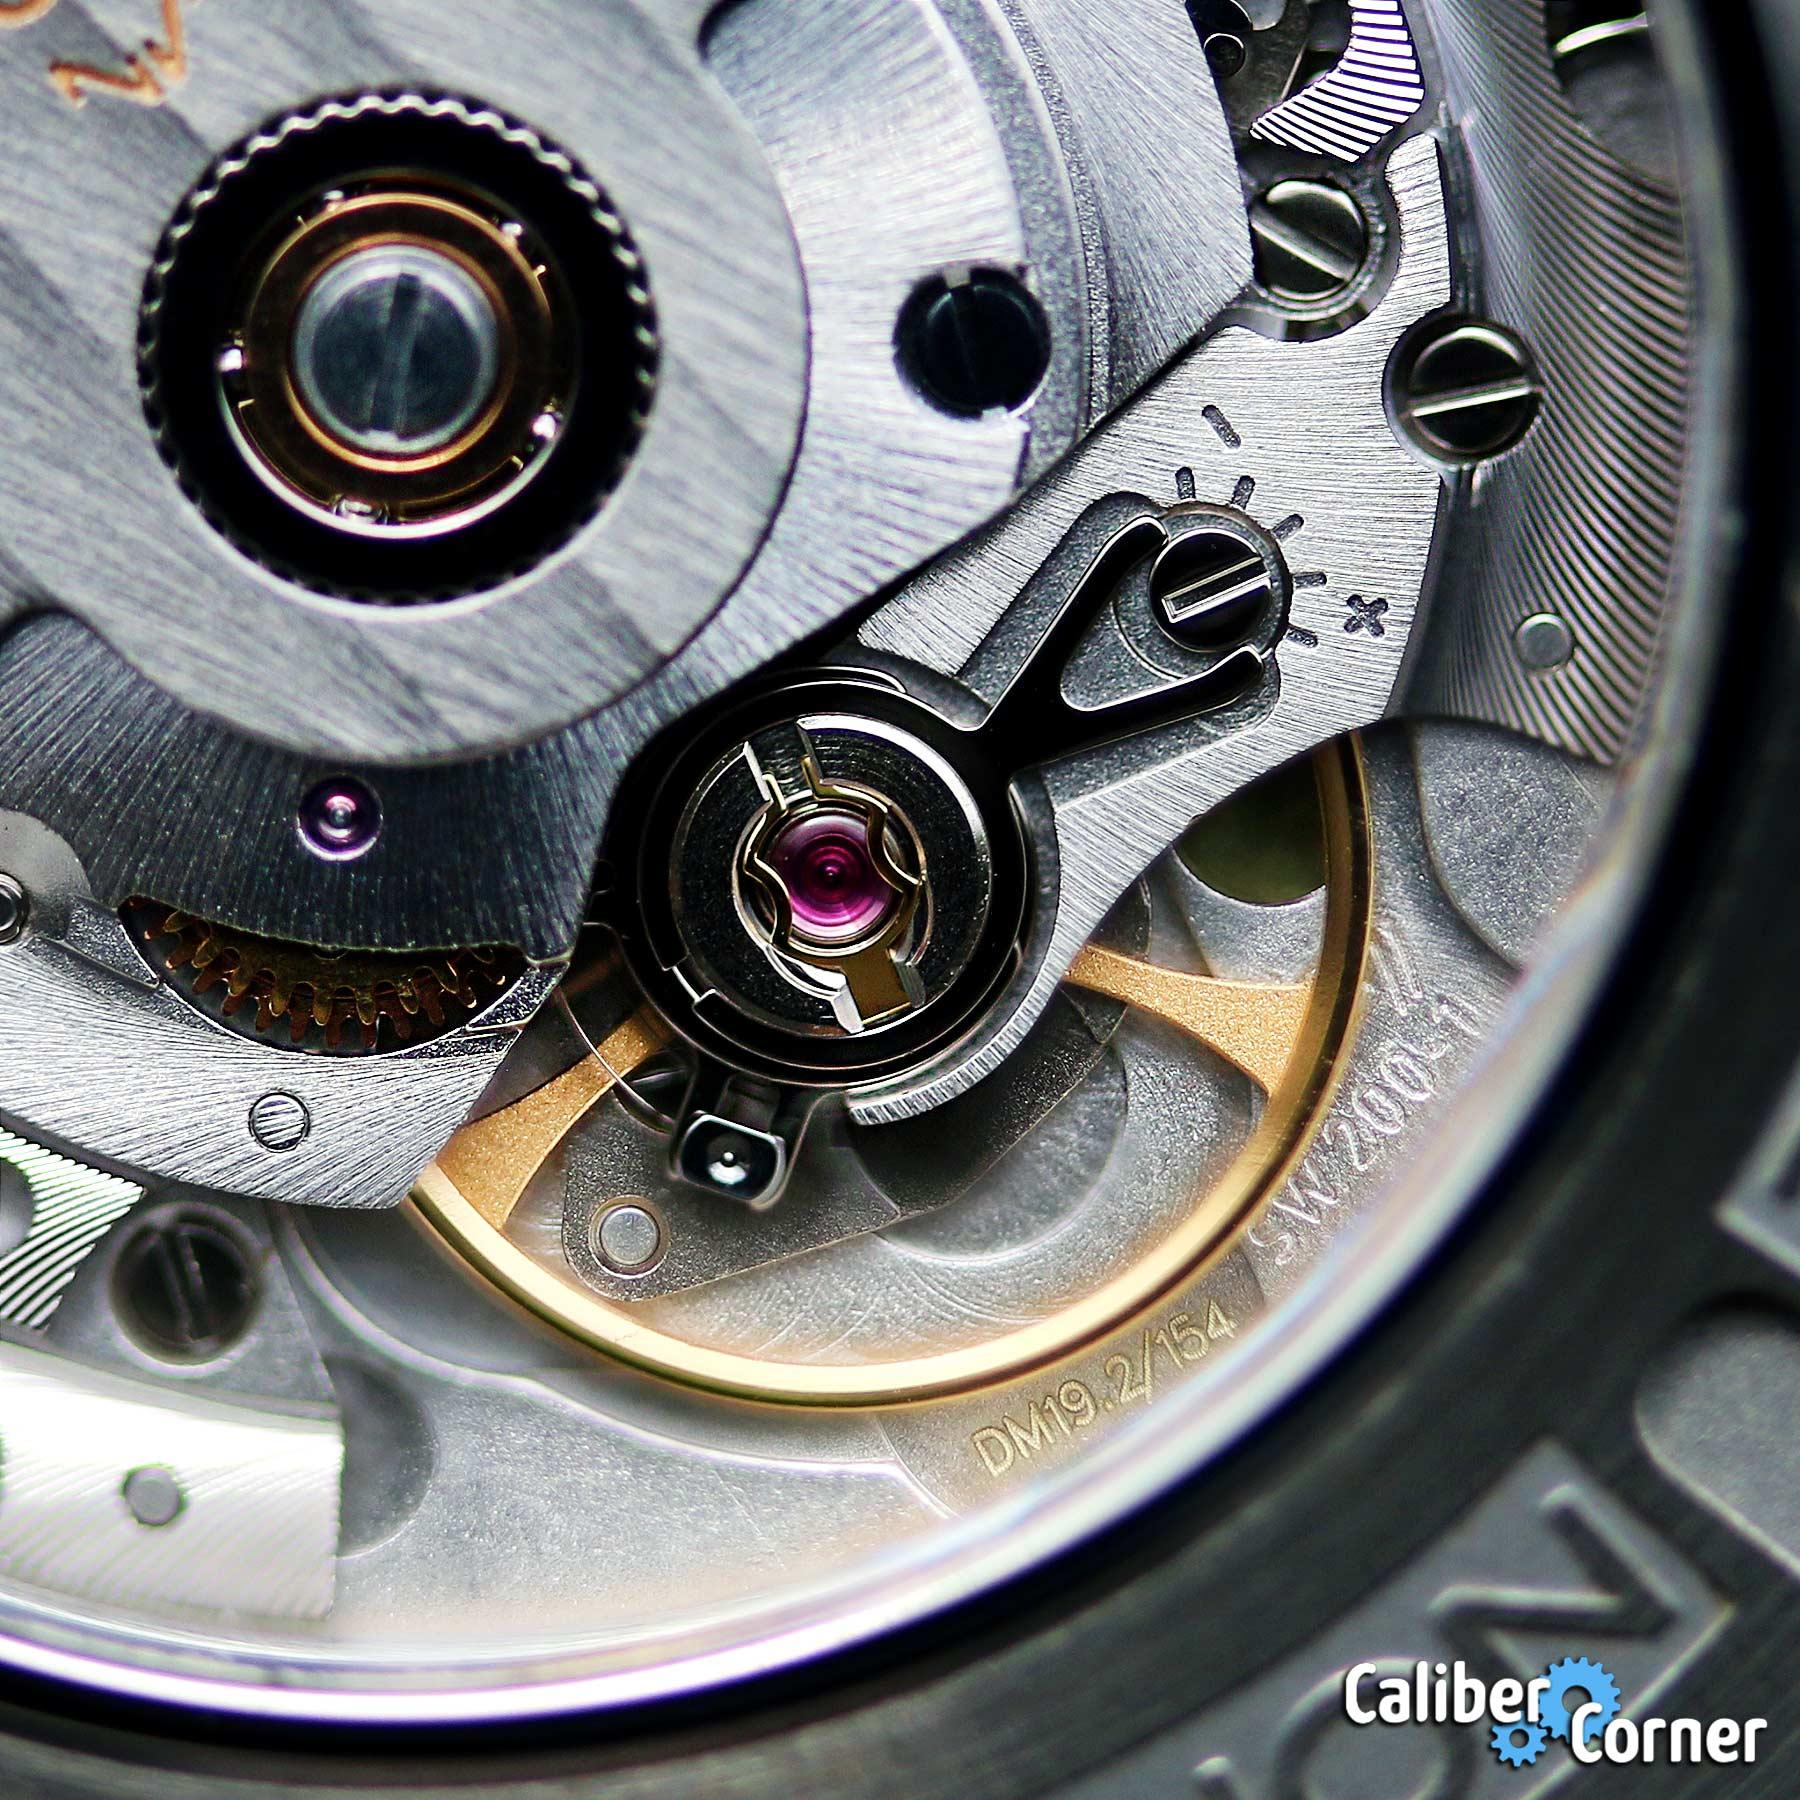 Norqain Caliber Nn08 Balance Wheel